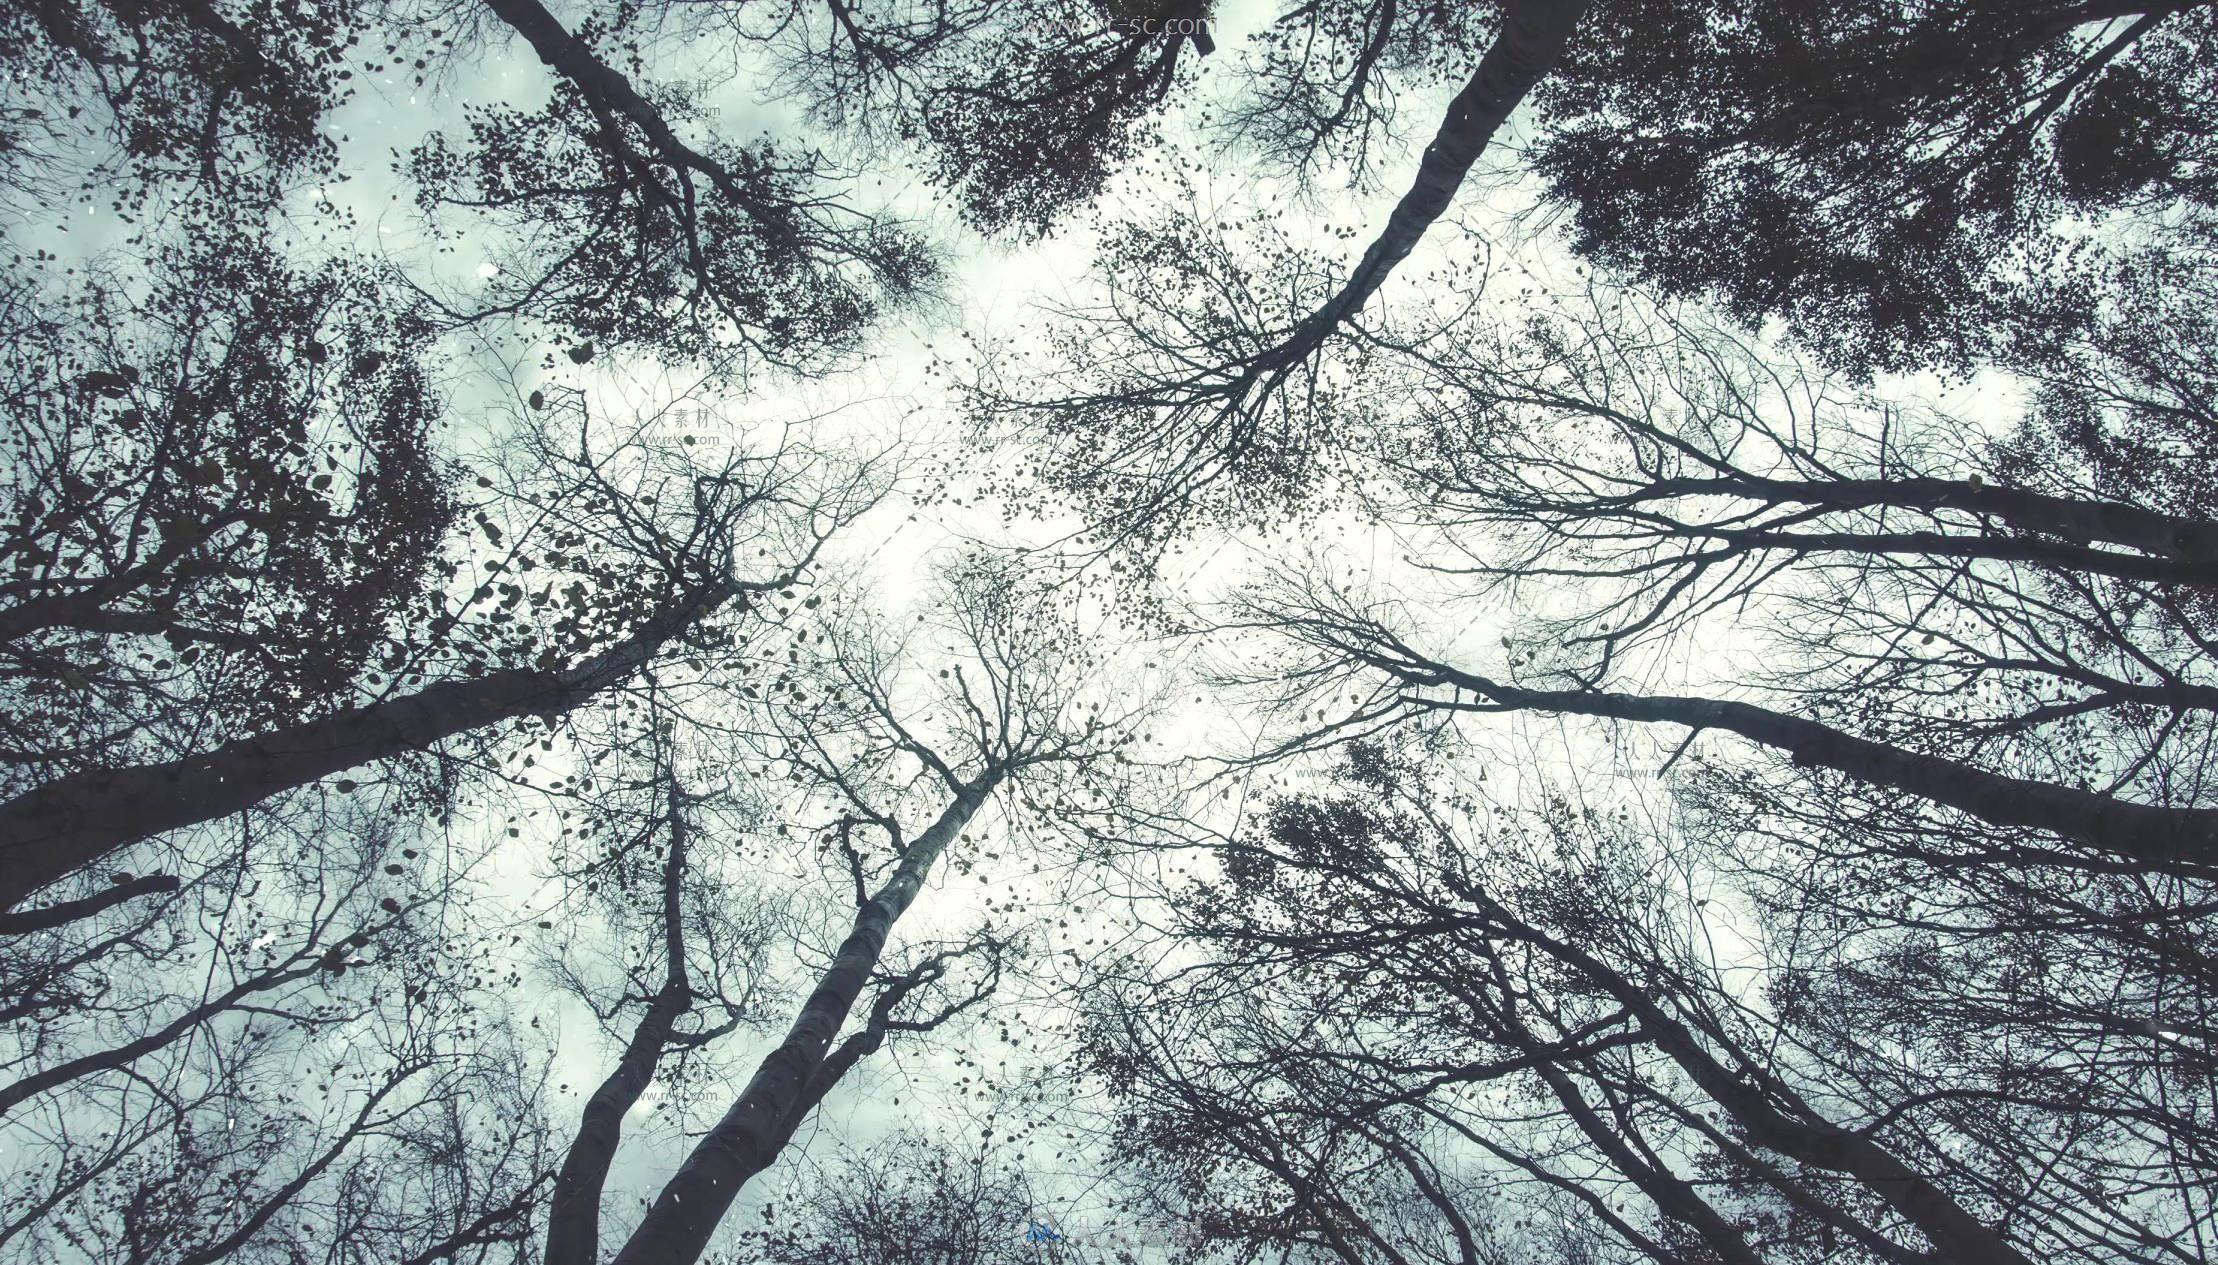 冬季树木仰拍雪花飘落高清实拍视频素材